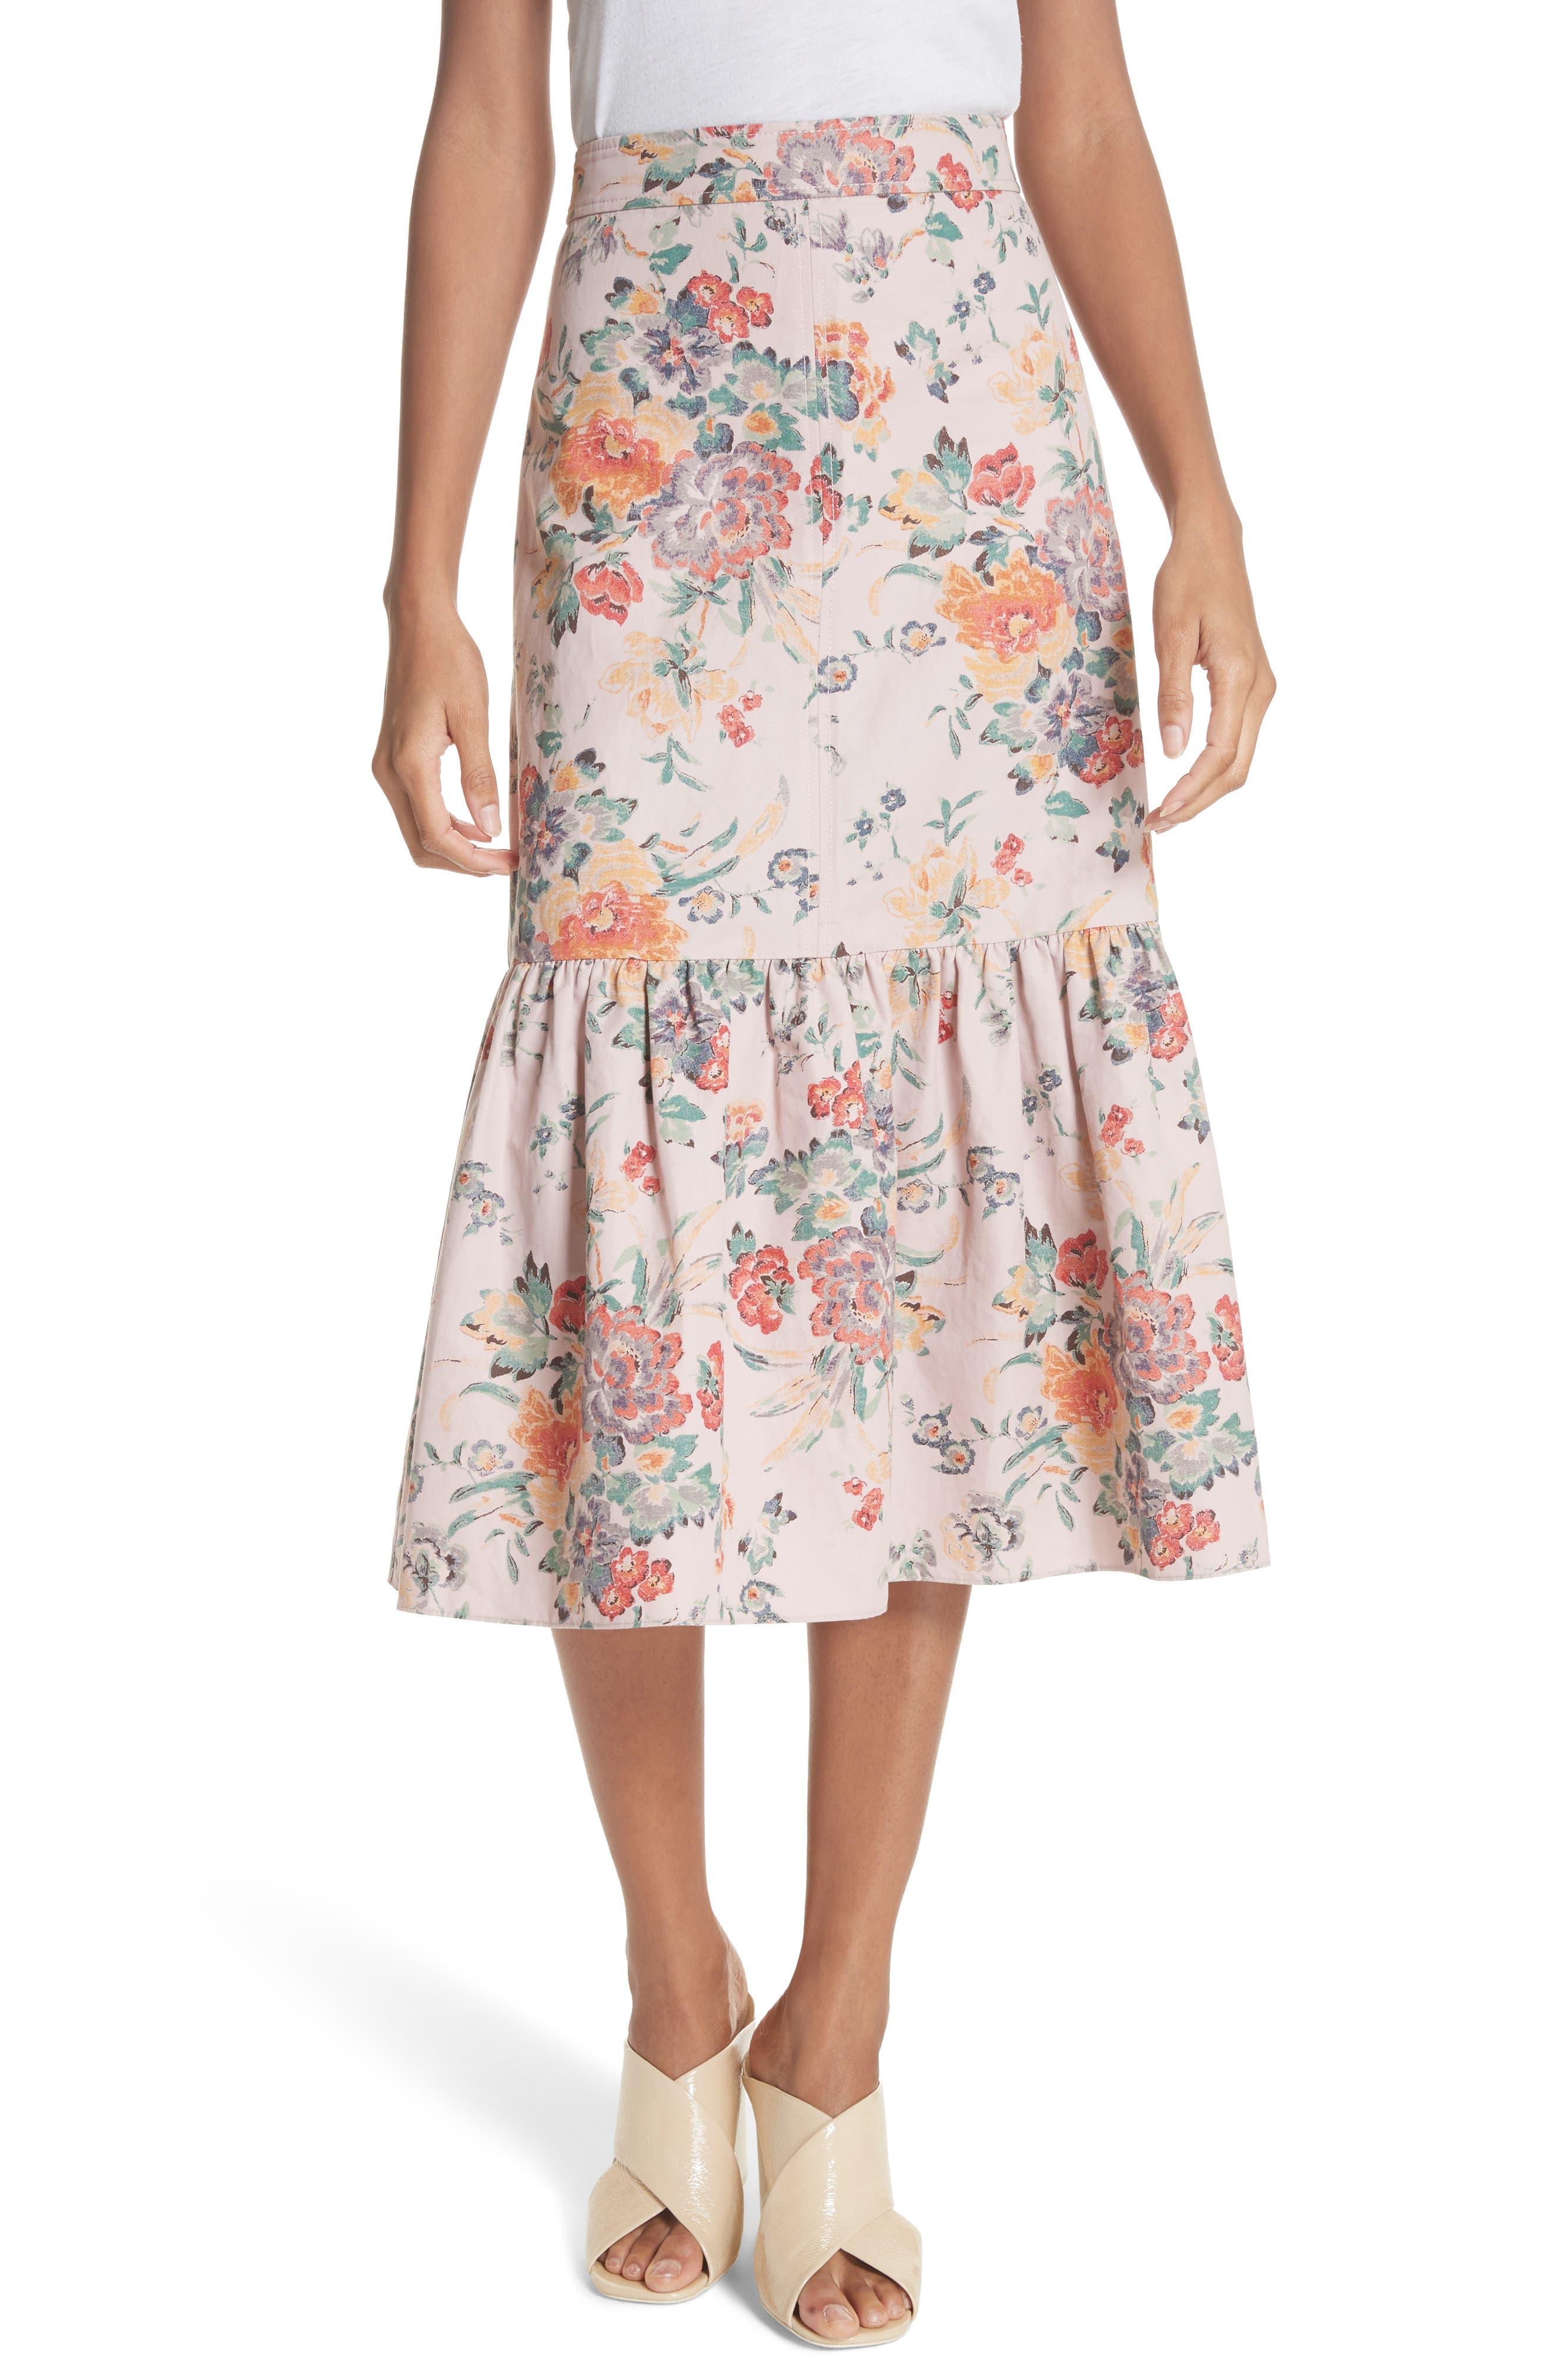 Rebecca Taylor Marlena Ruffled Floral Skirt